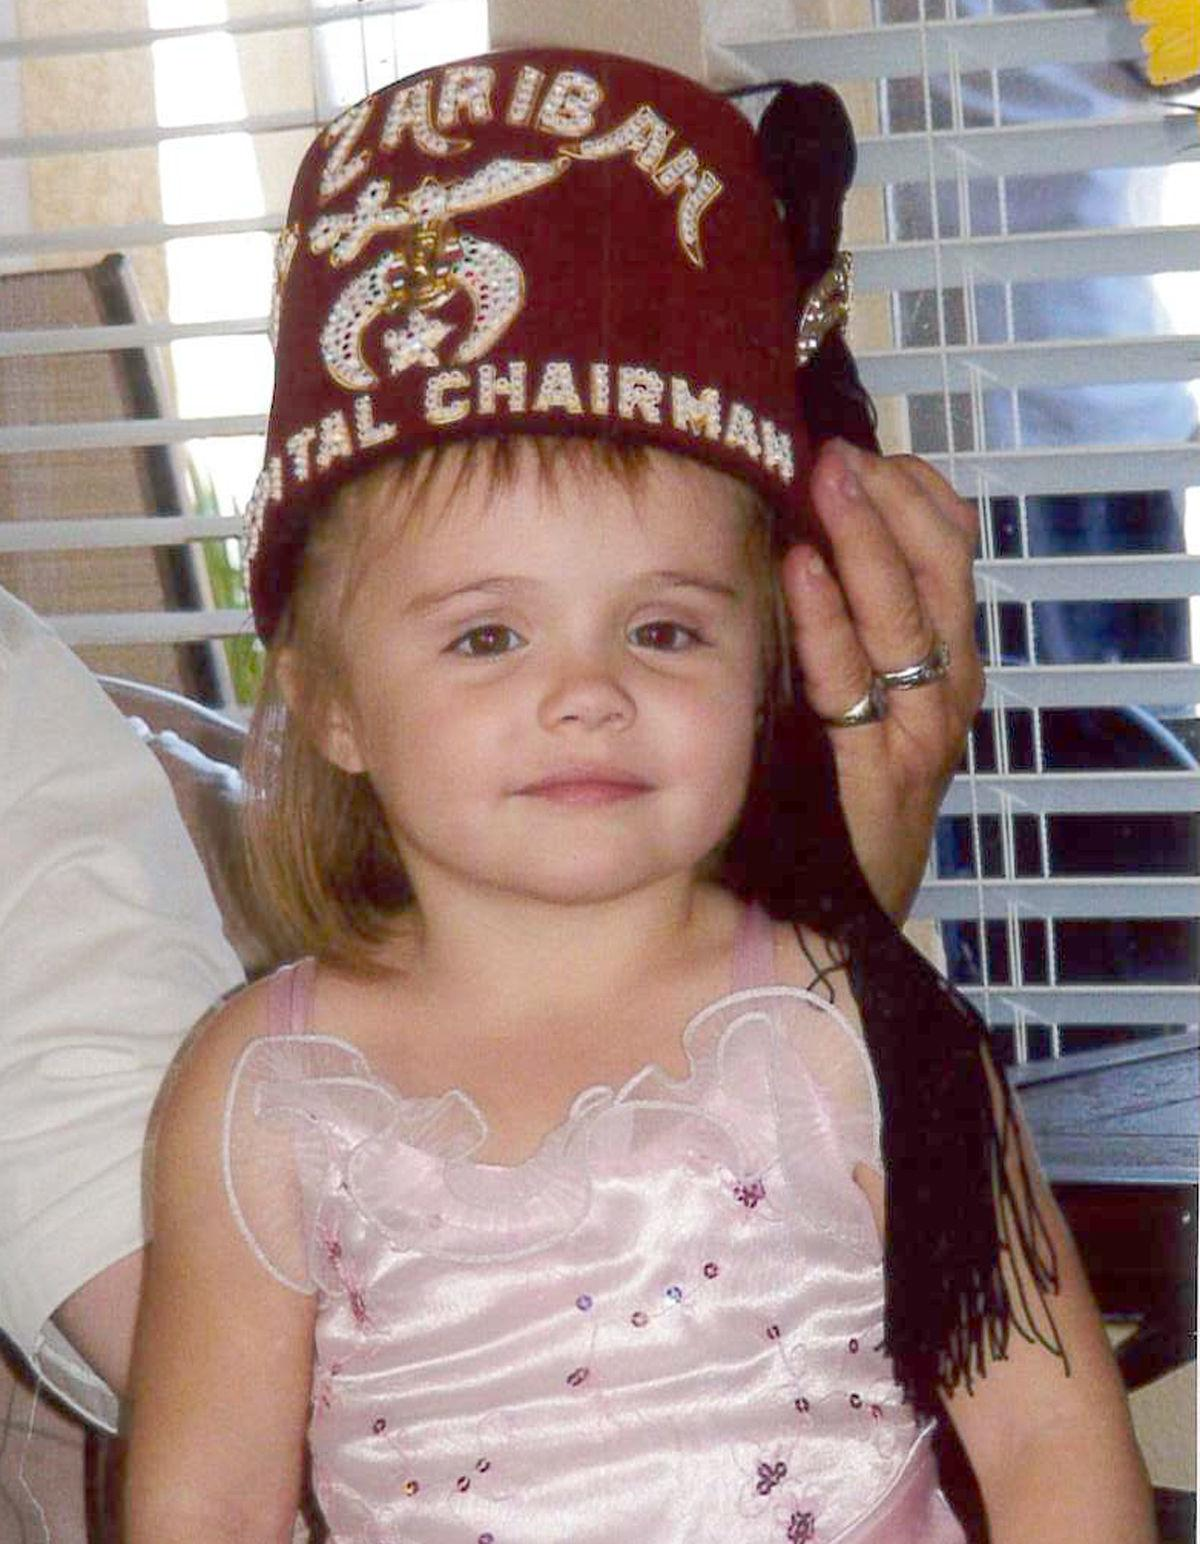 Little girl in Shriner's hat